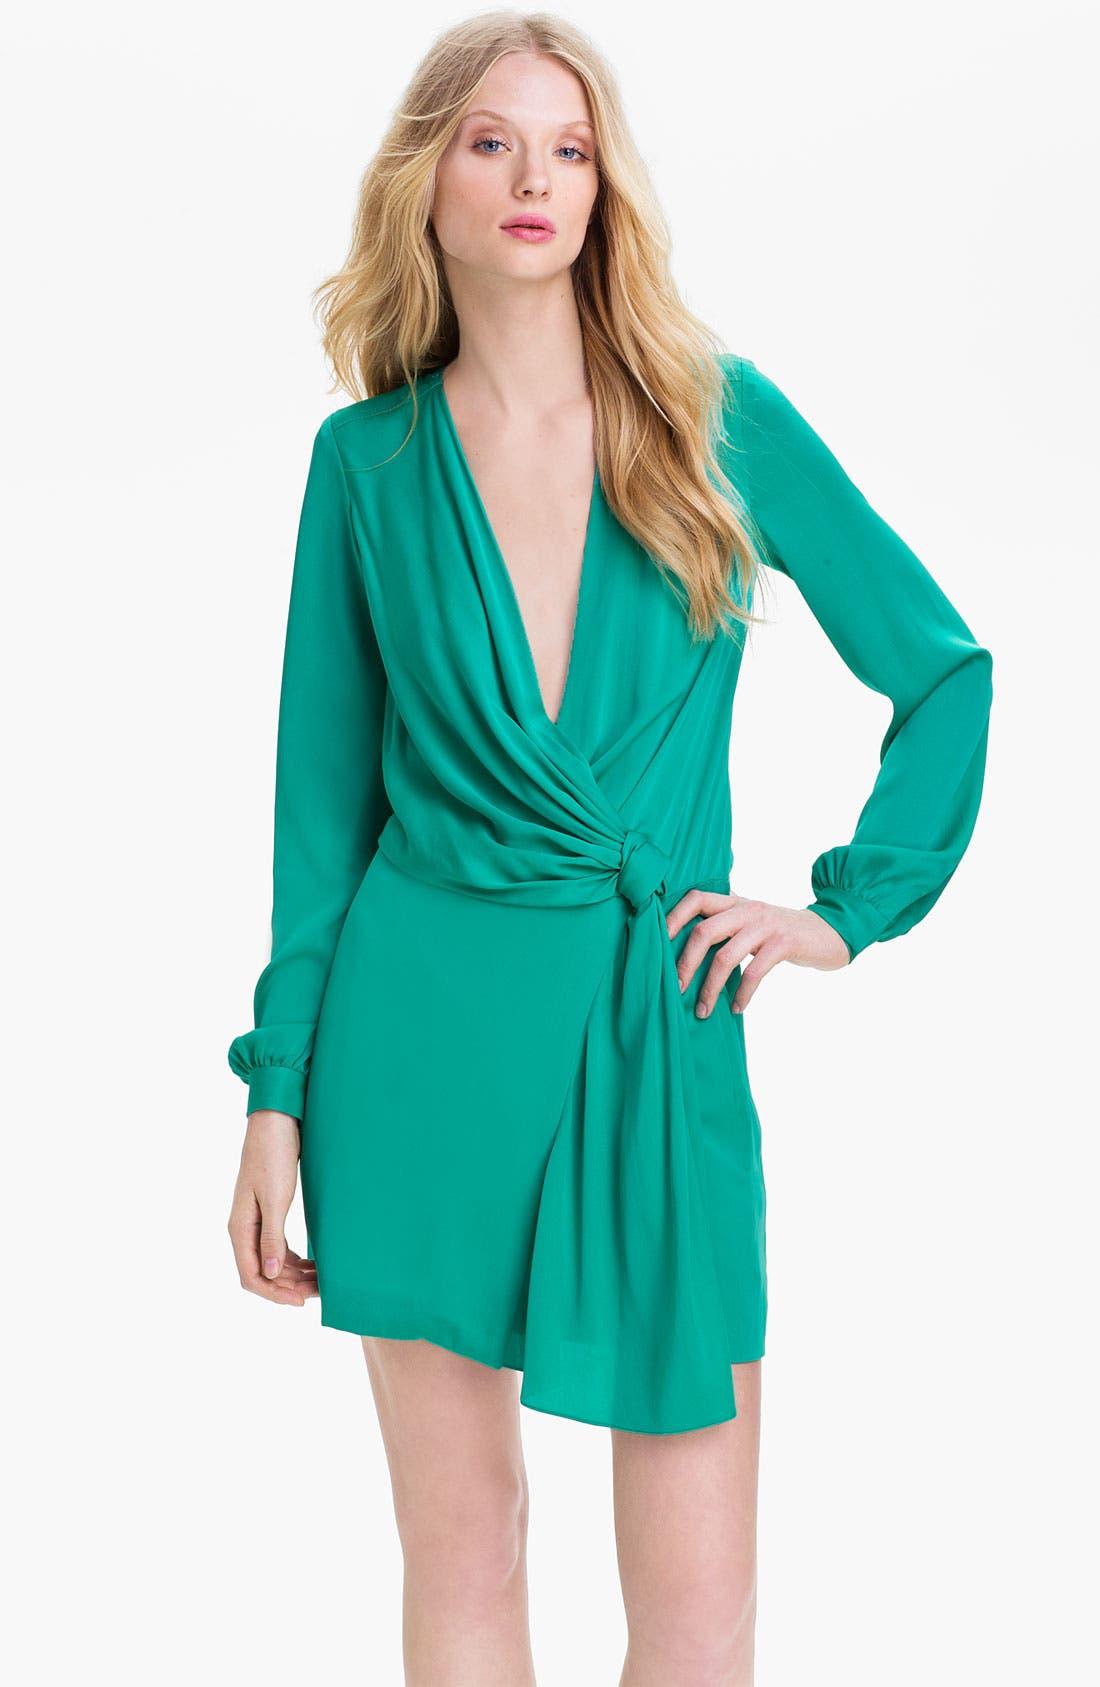 Main Image - Diane von Furstenberg 'Dora' Stretch Silk Blouson Dress (Online Exclusive)